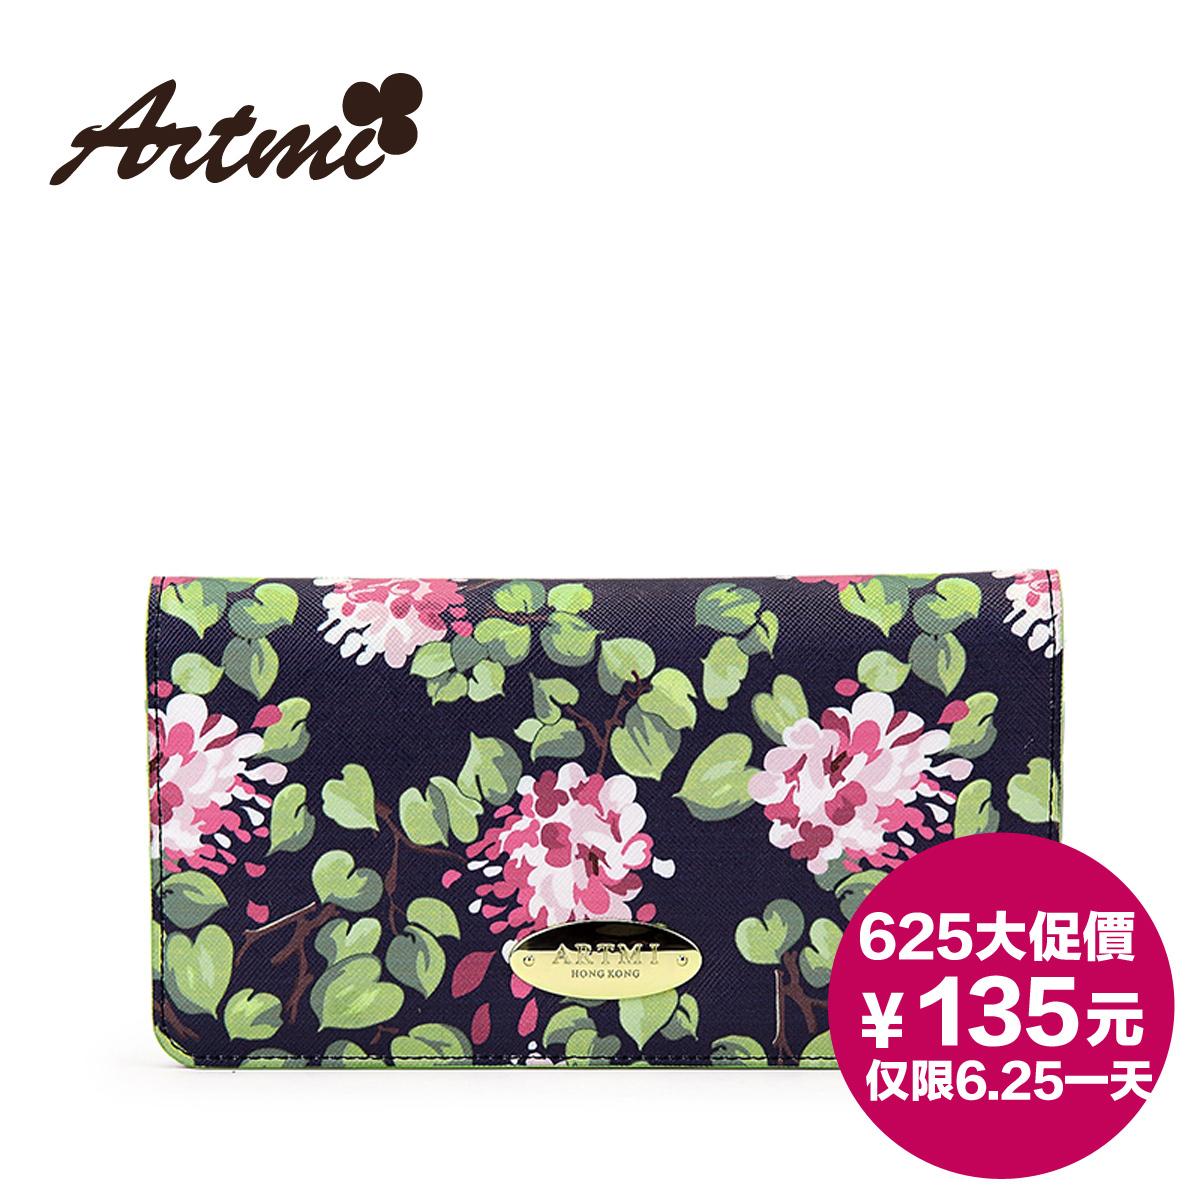 бумажник Artmi apq0717 Artmi2015 сумка artmi apf0745 artmi2015